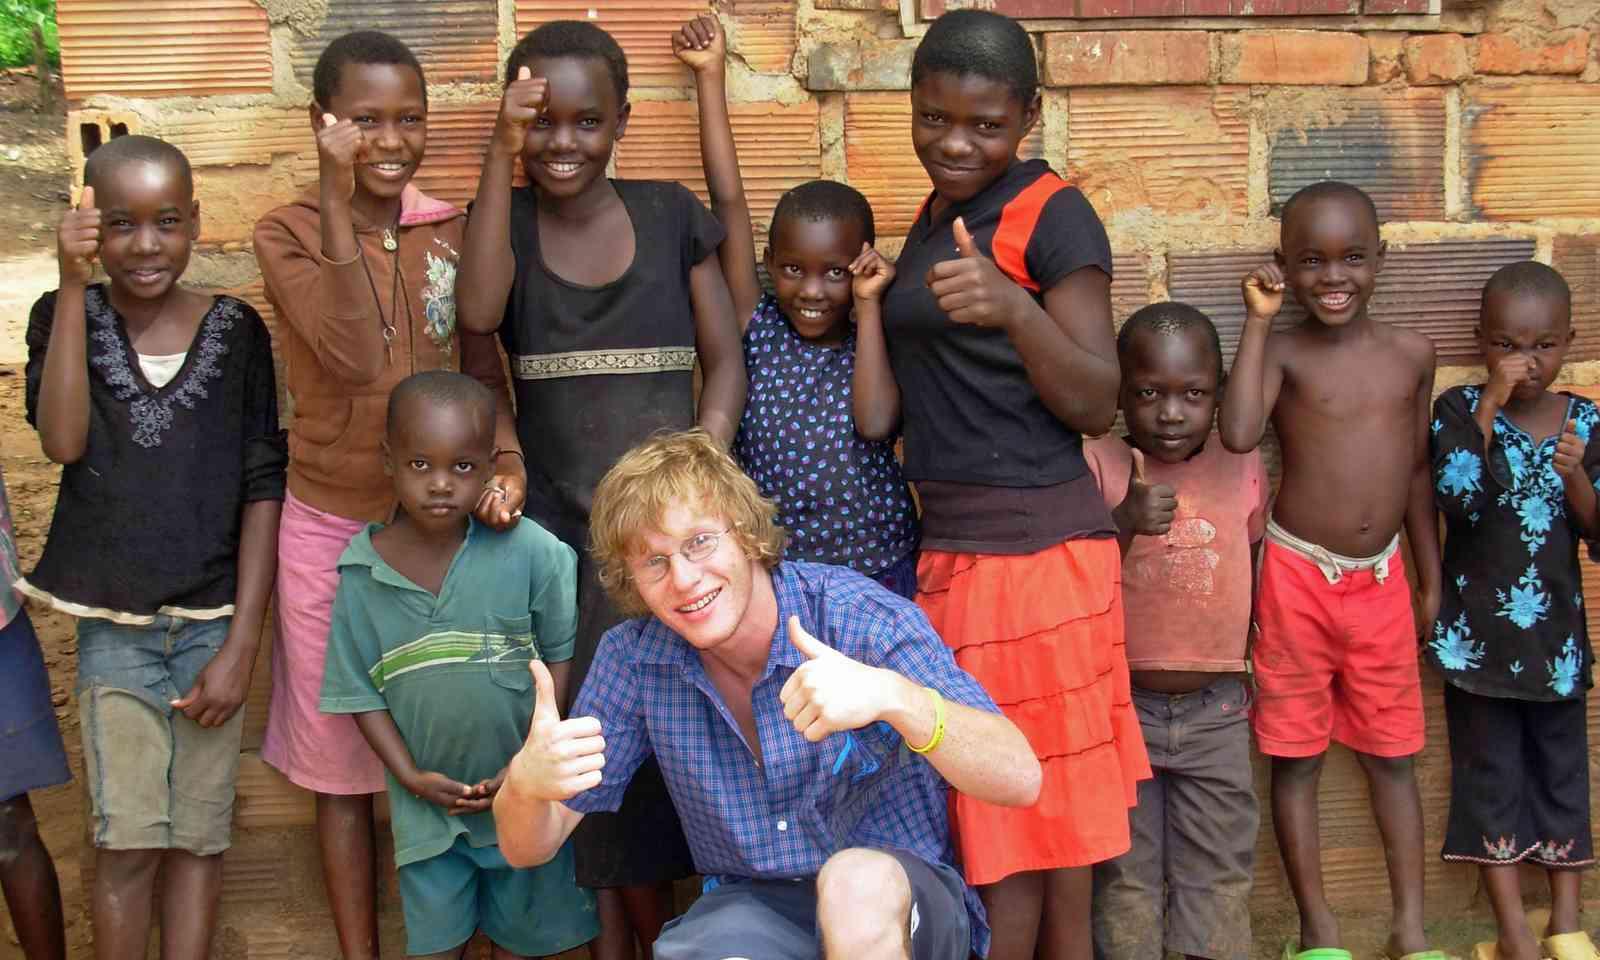 Young volunteer working in Uganda (Dreamstime)